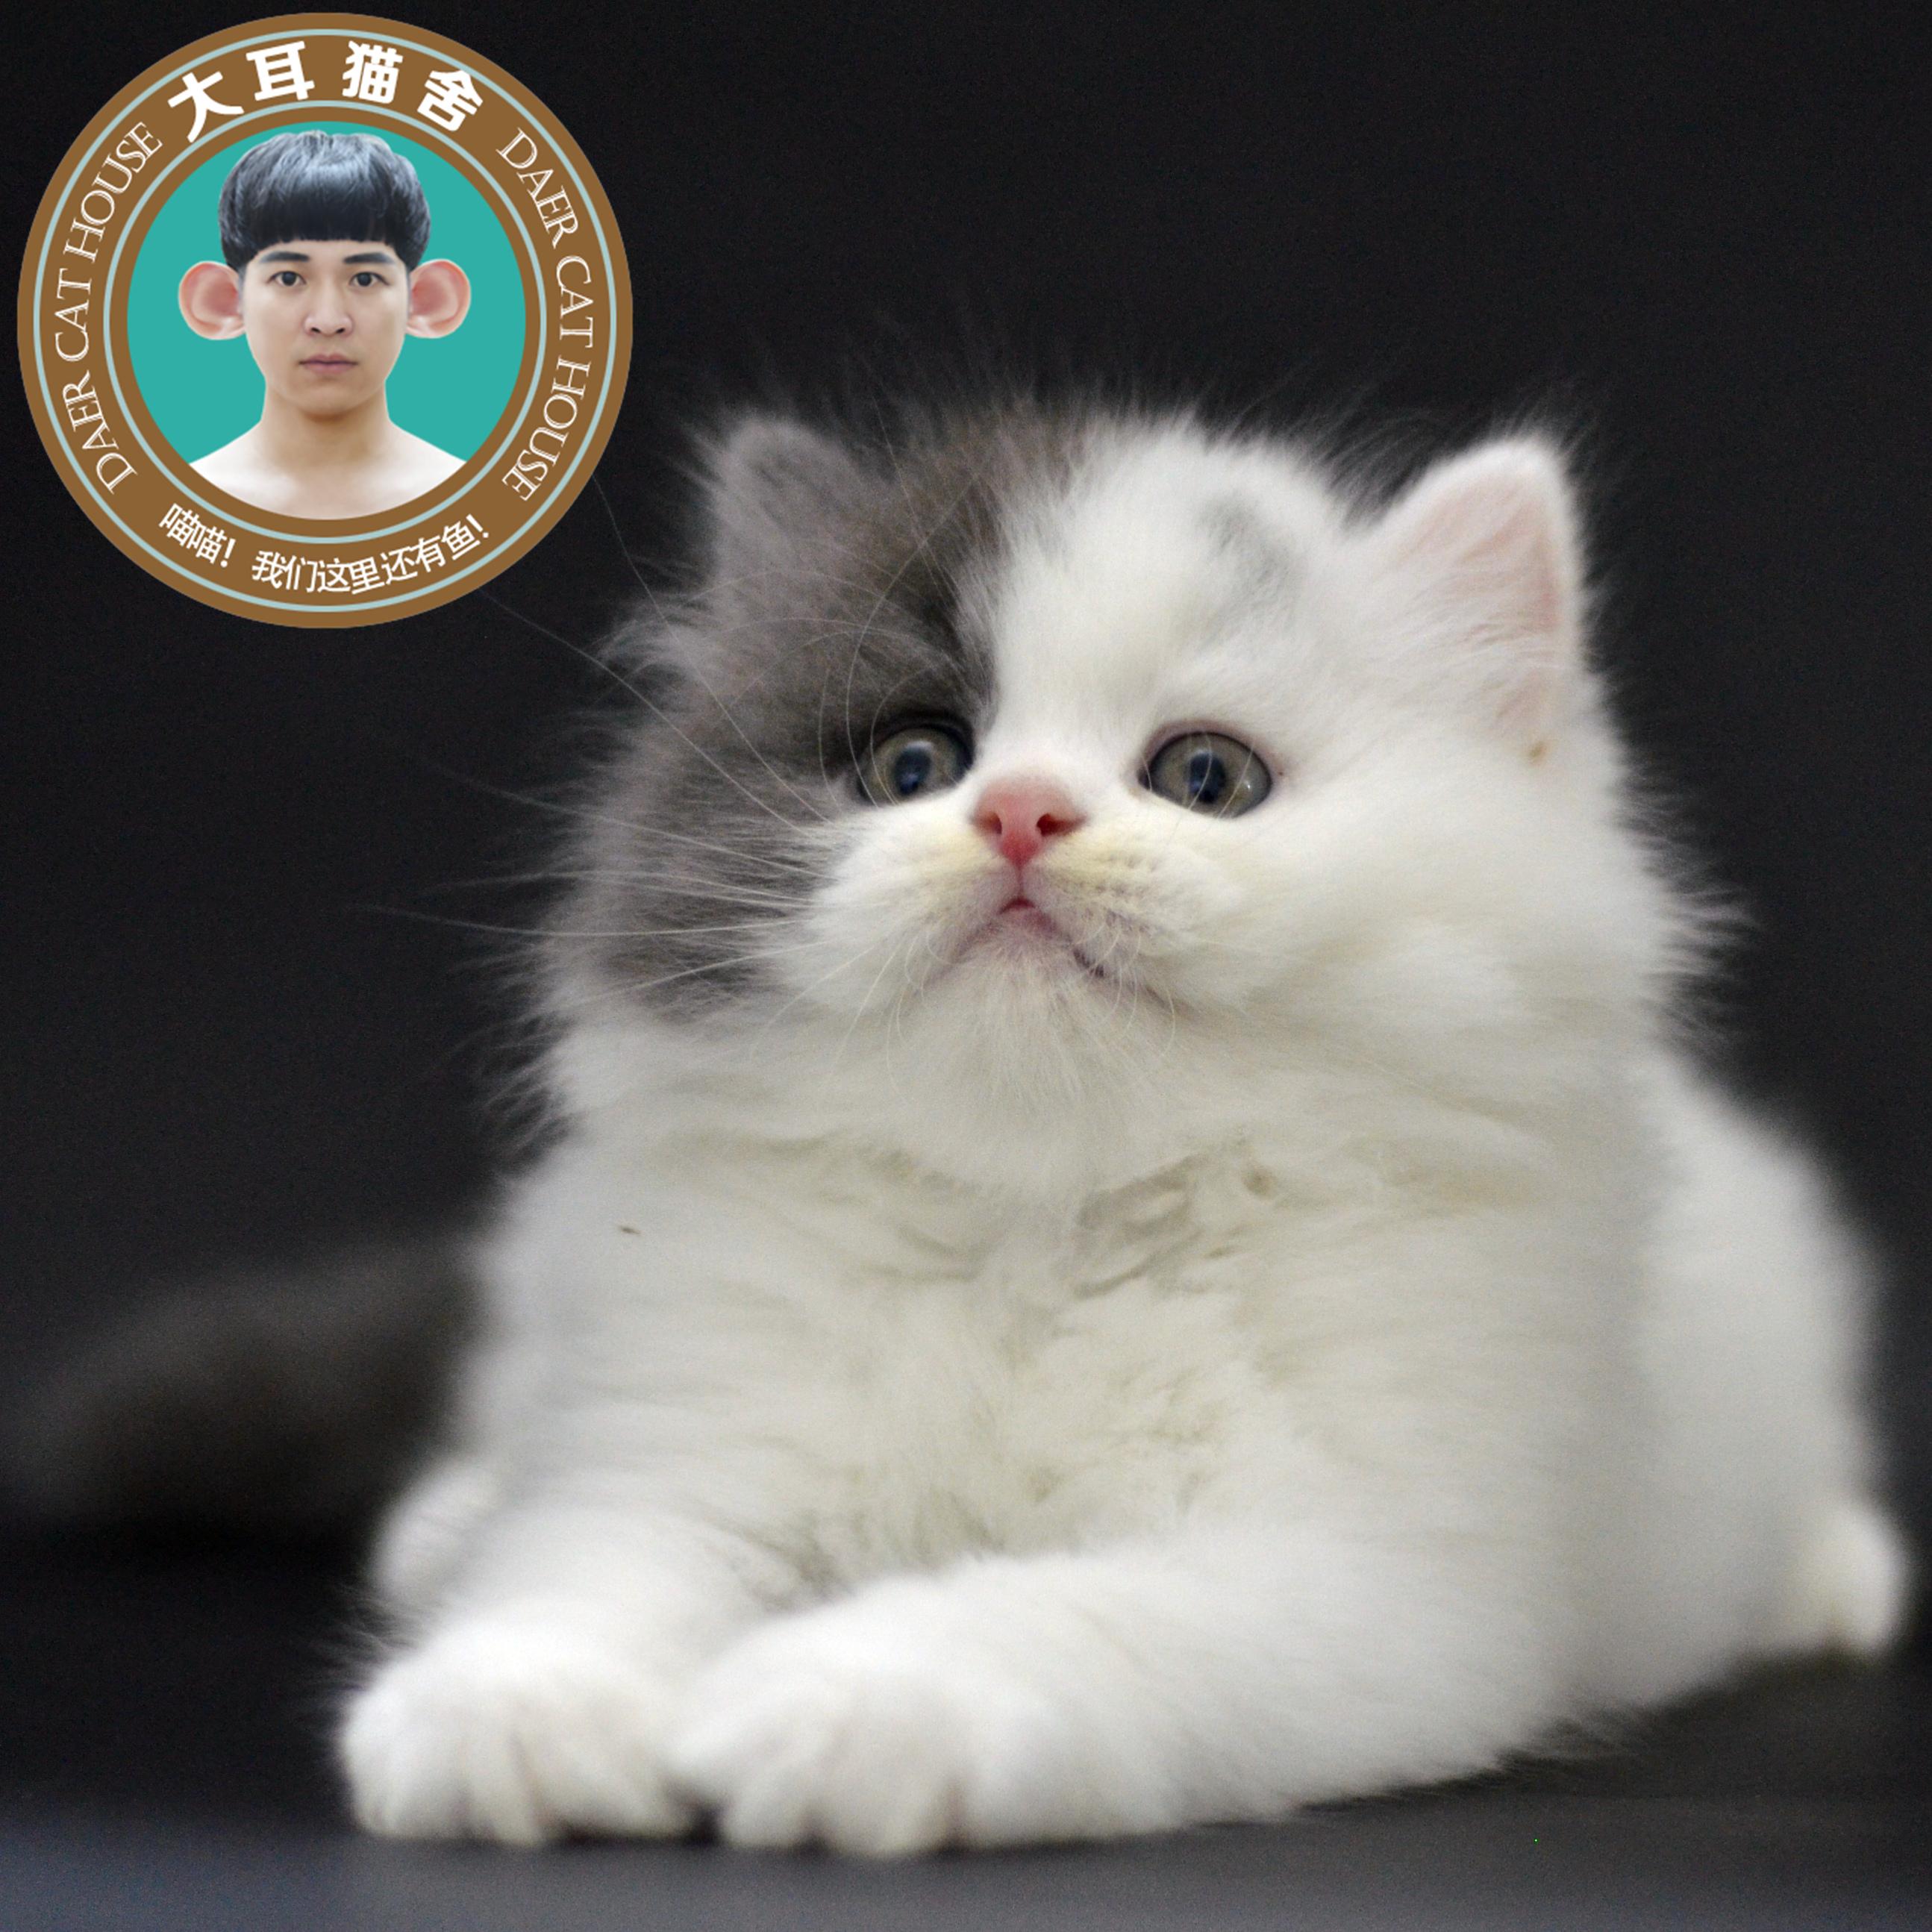 净梵长毛新款短毛猫咪活体黑白甜美可爱公纯种猫舍猫